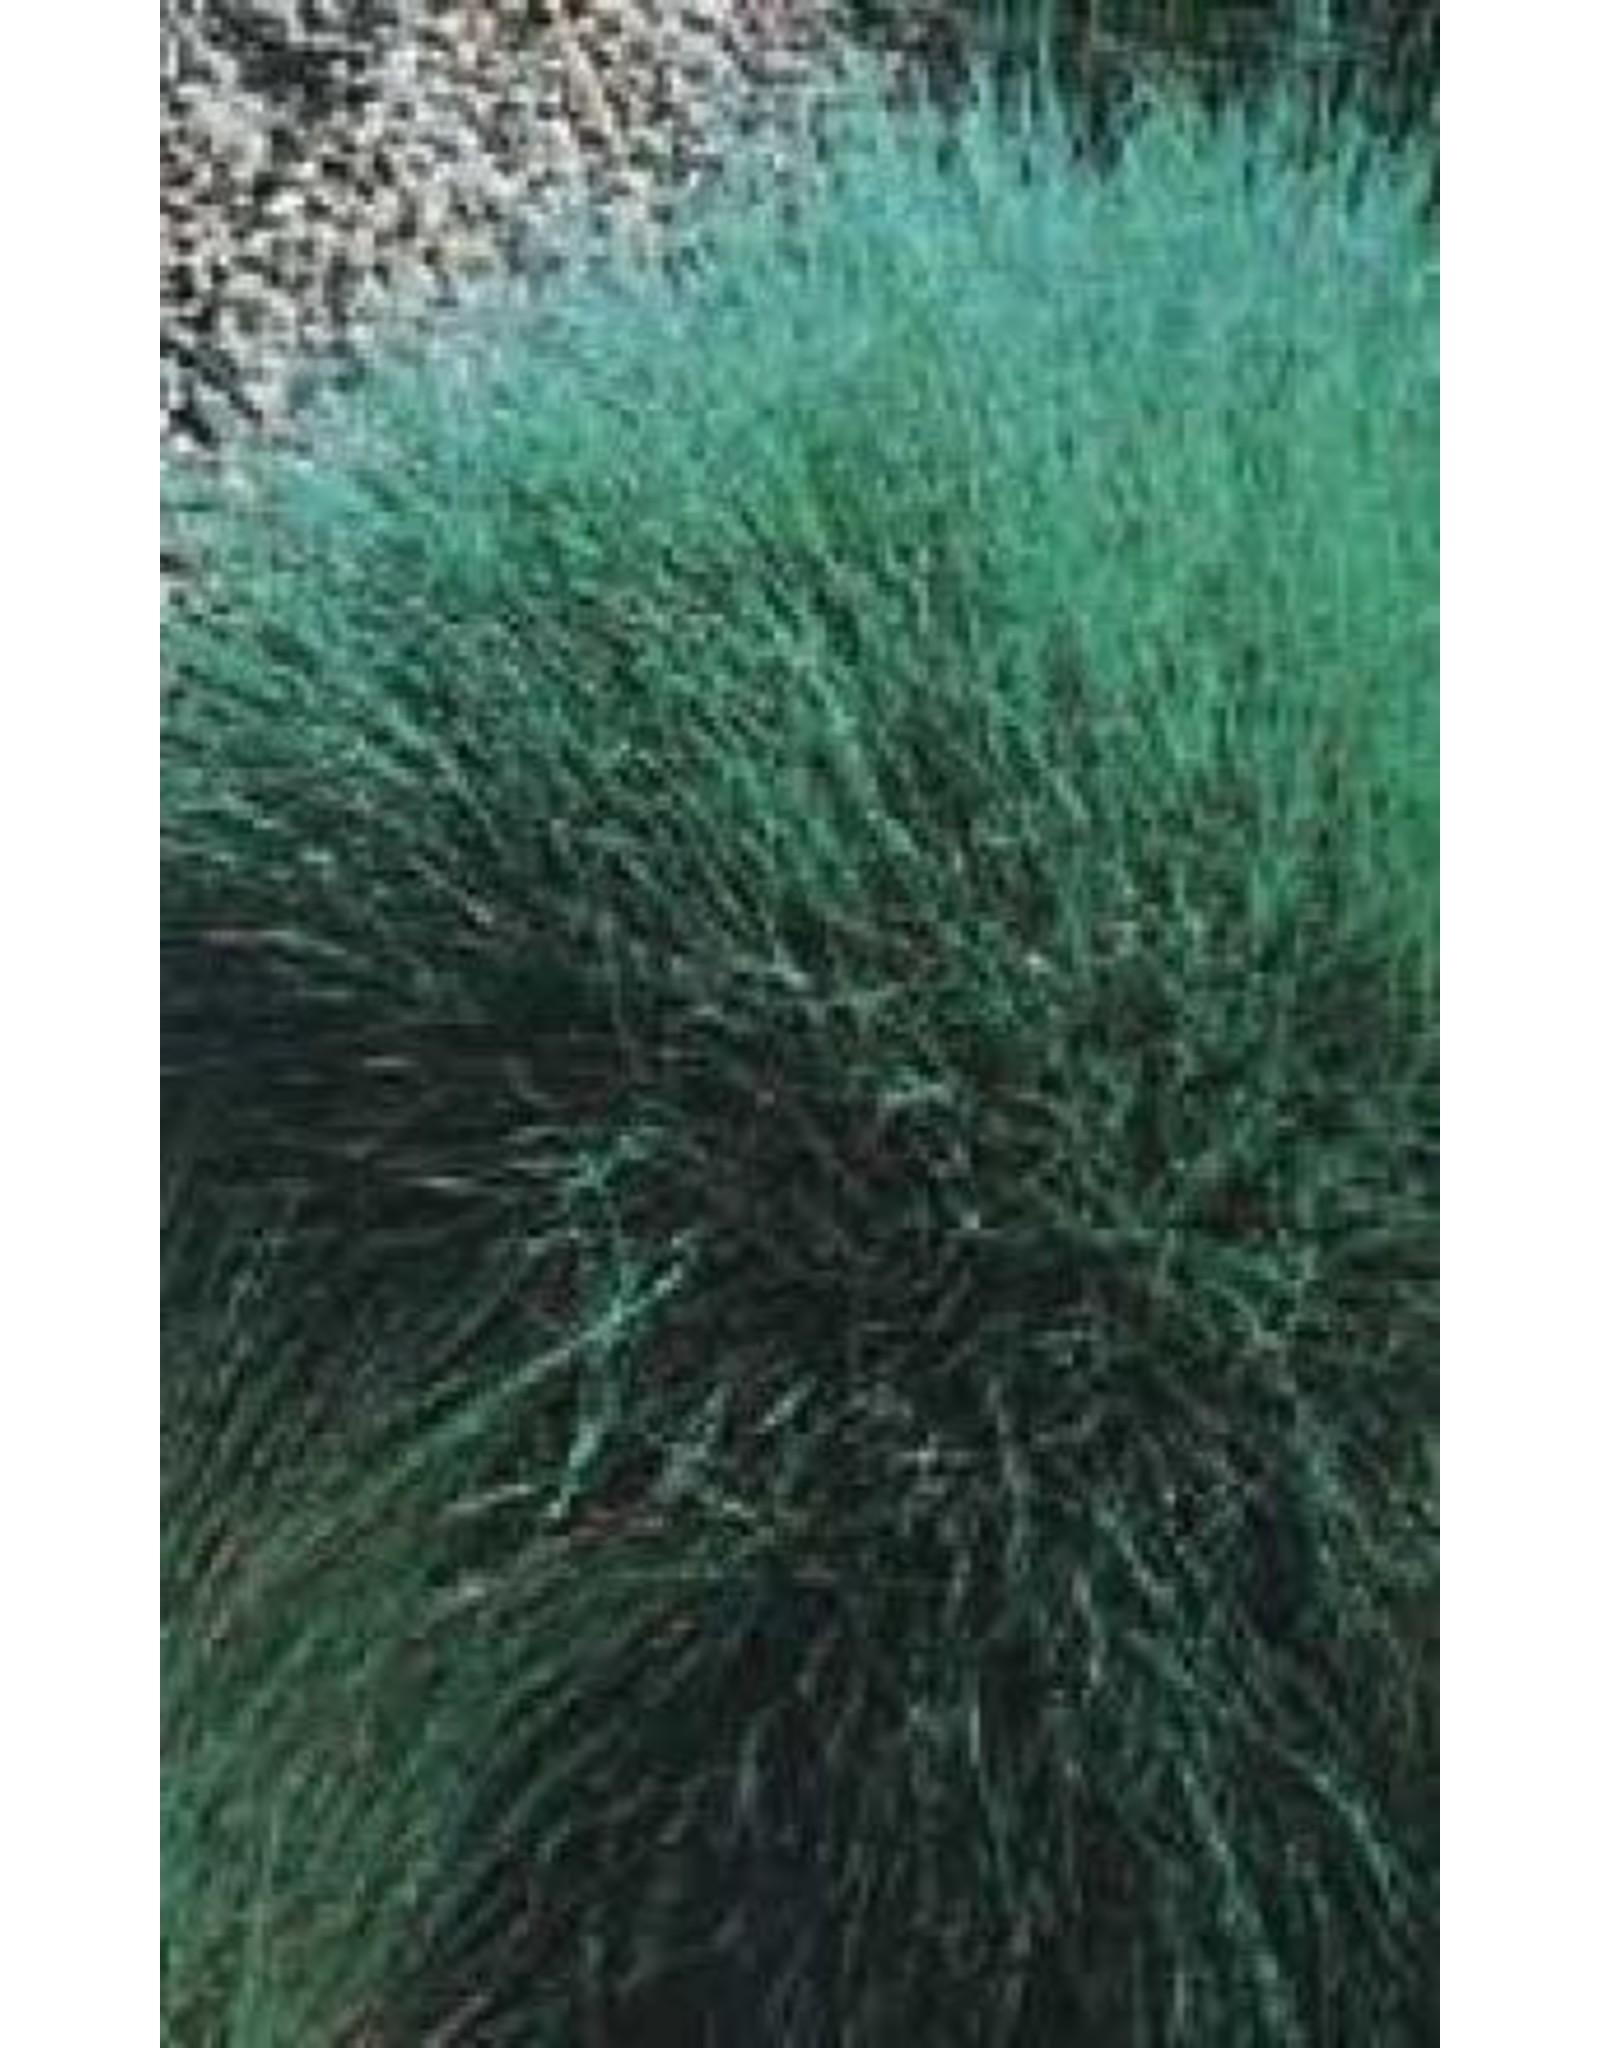 Blue Fescue Ornamental Grass Seeds 7015